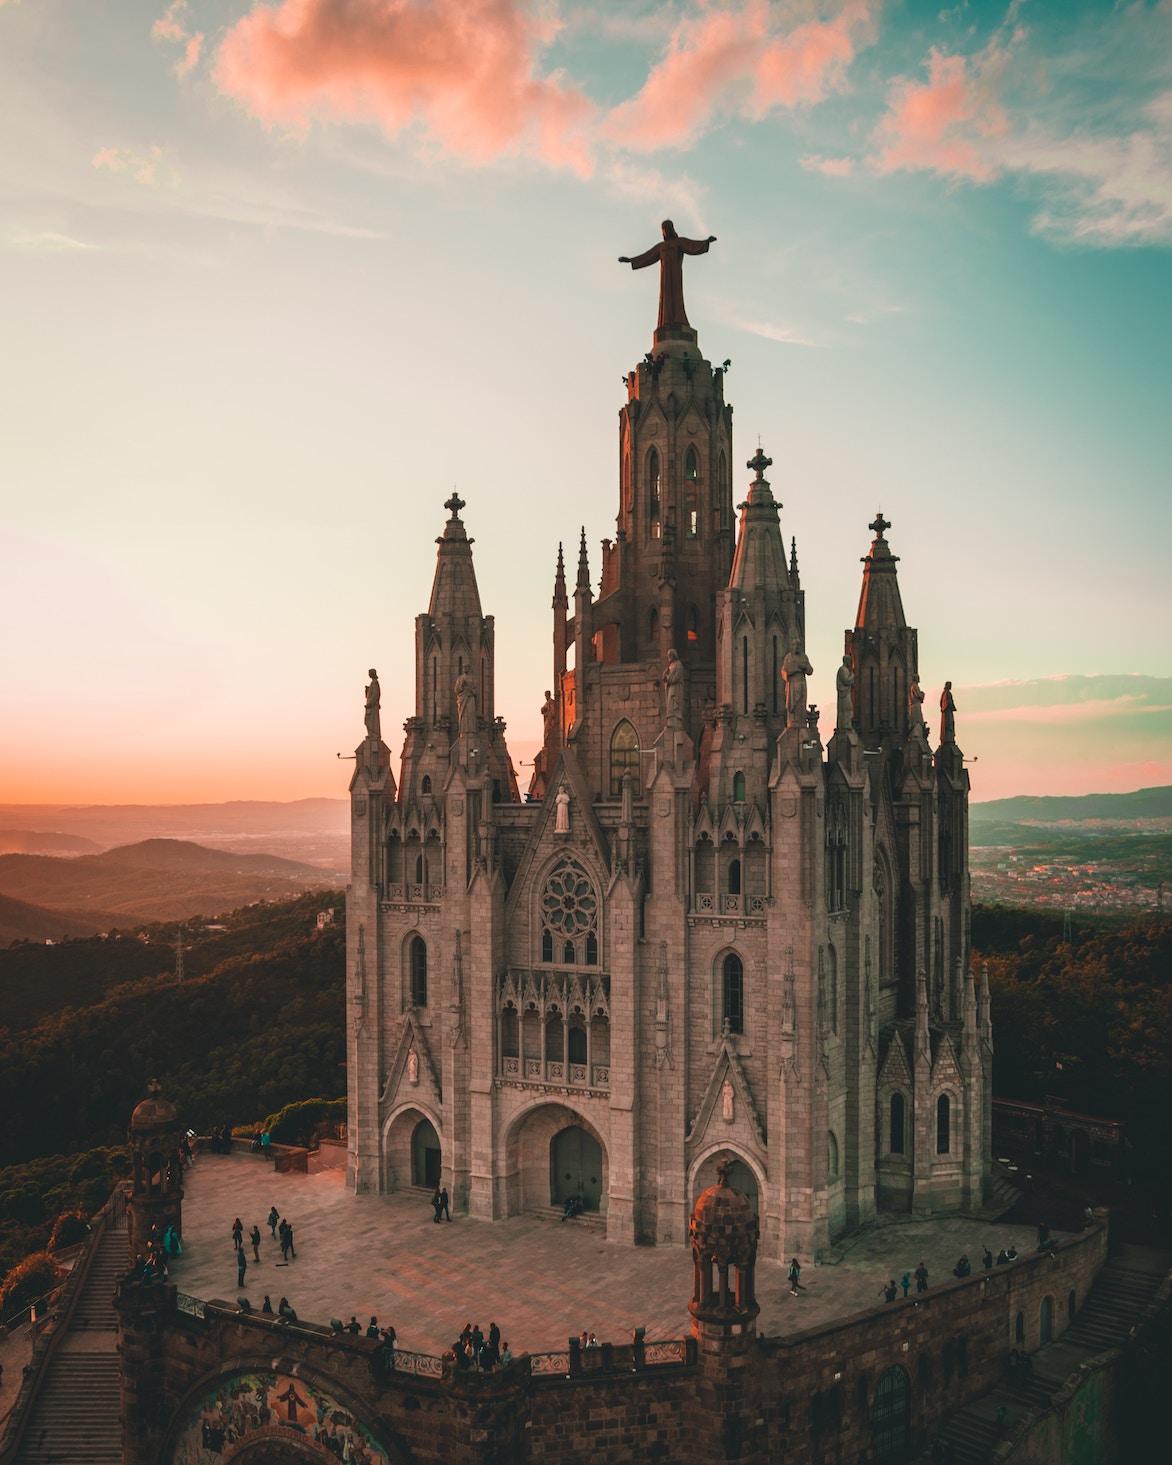 kyrkoarkitekt